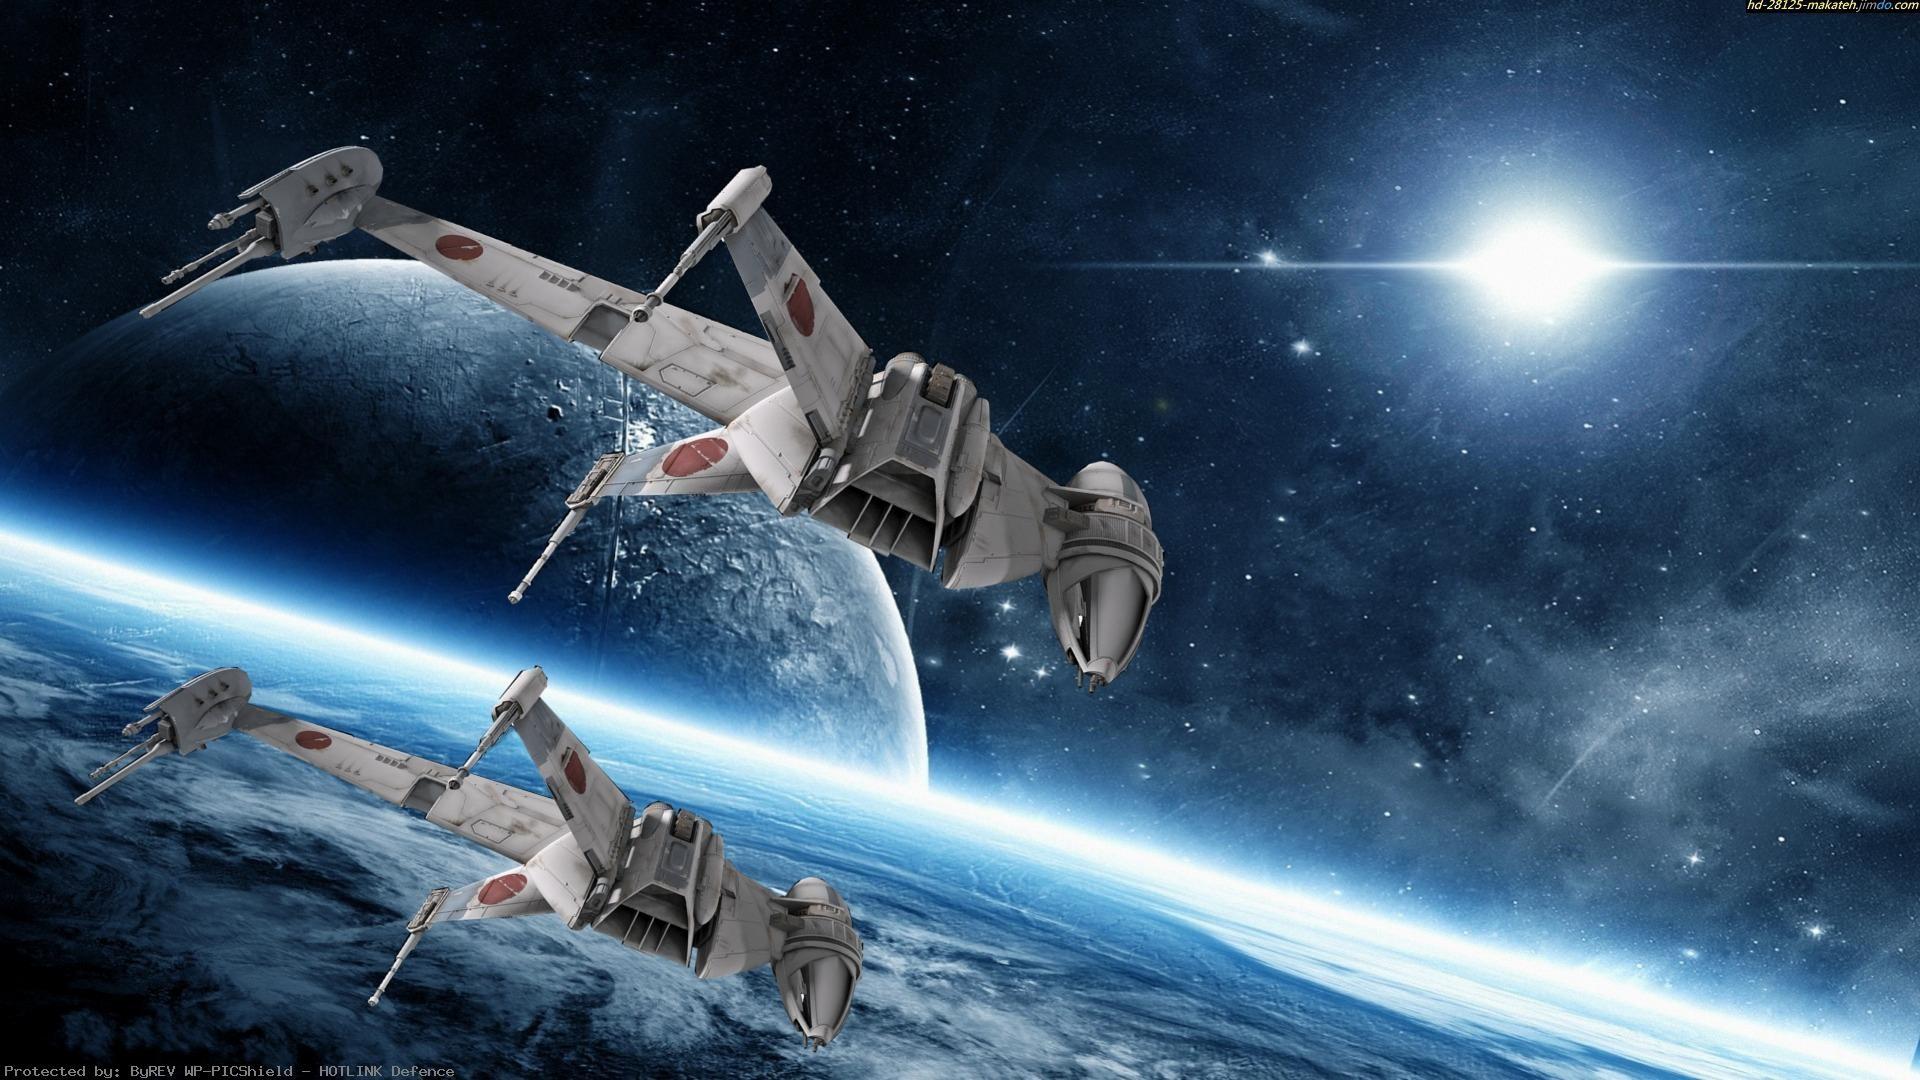 Star-Wars-Space-Battle-1920×1080-Boba-Fett-wallpaper-